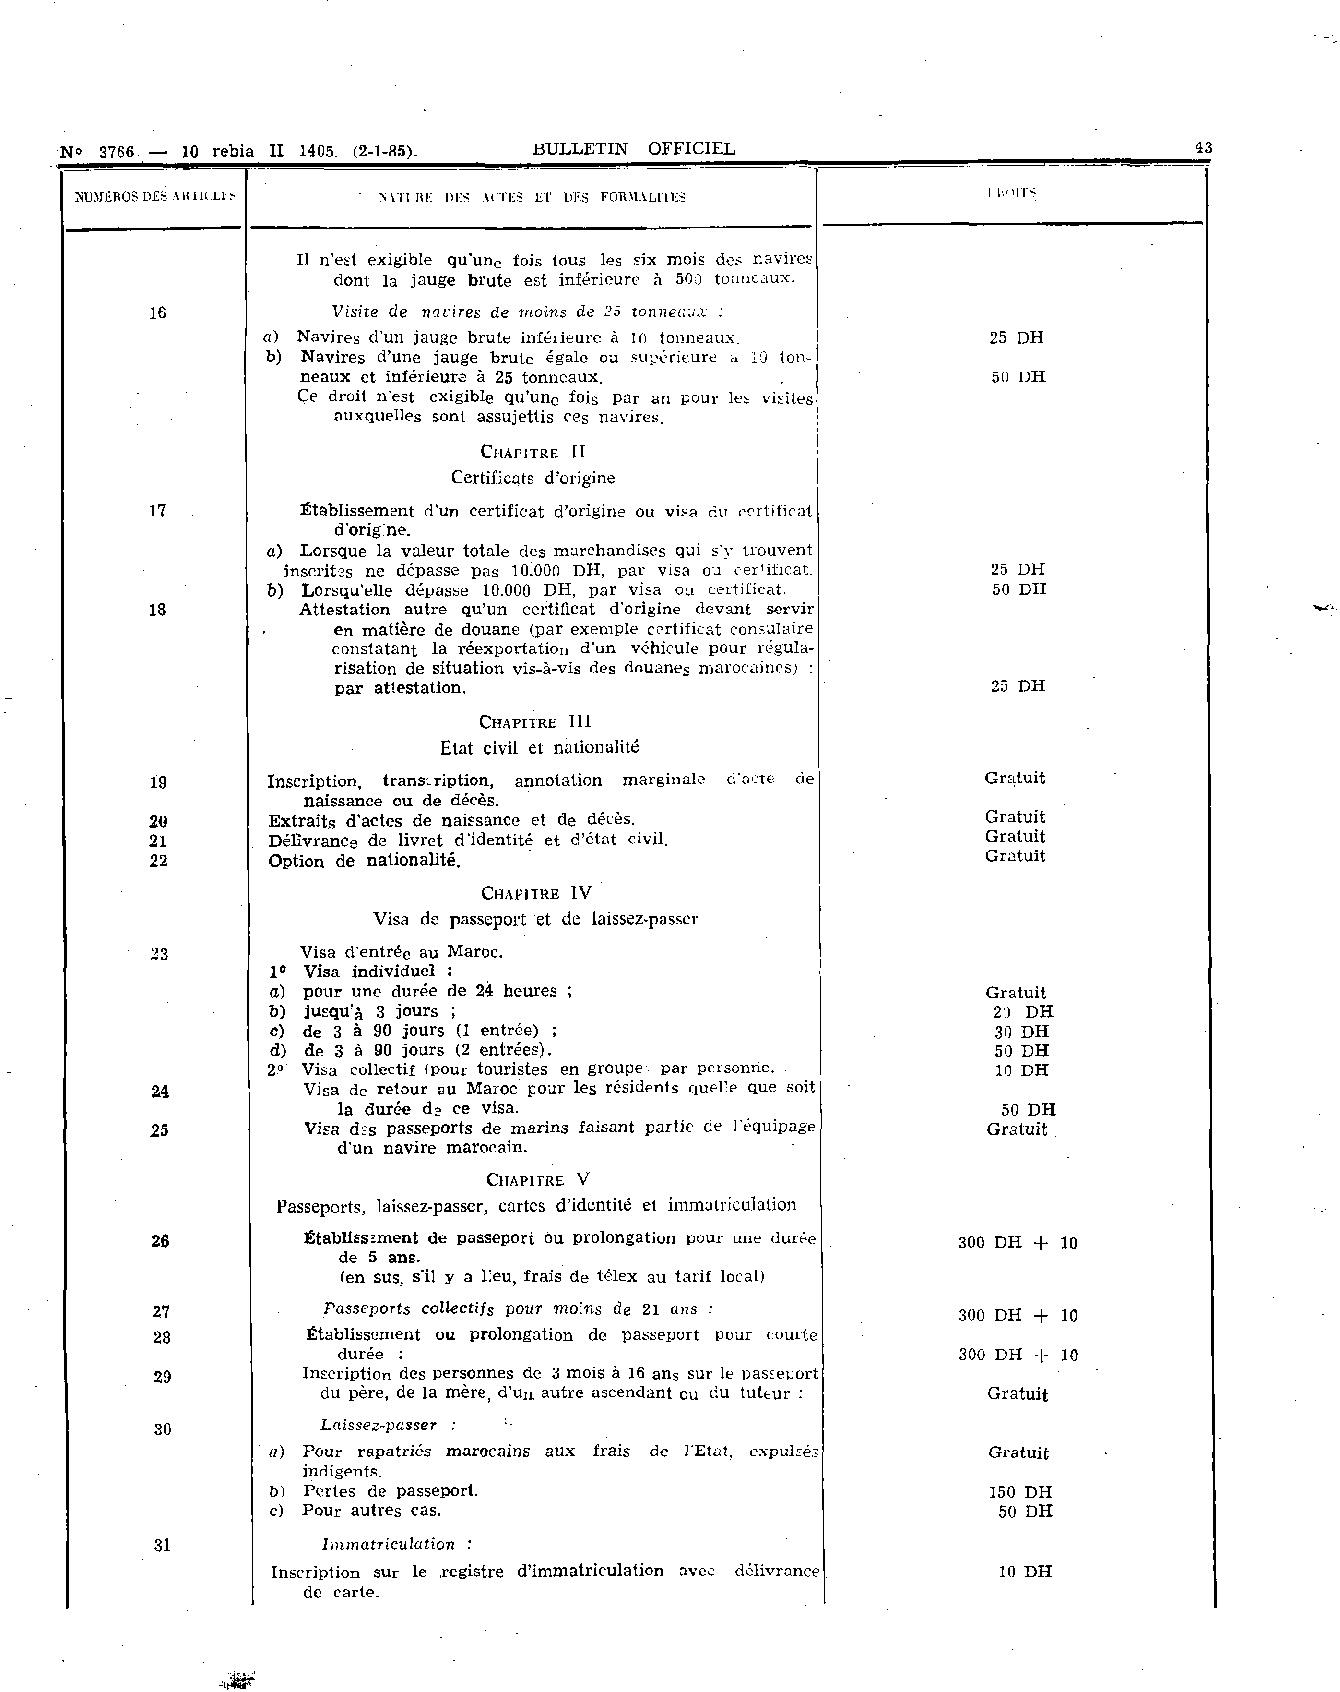 les-prix-maxima-des-acte-et-service-medicaux-dans-le-secteur-prive-043